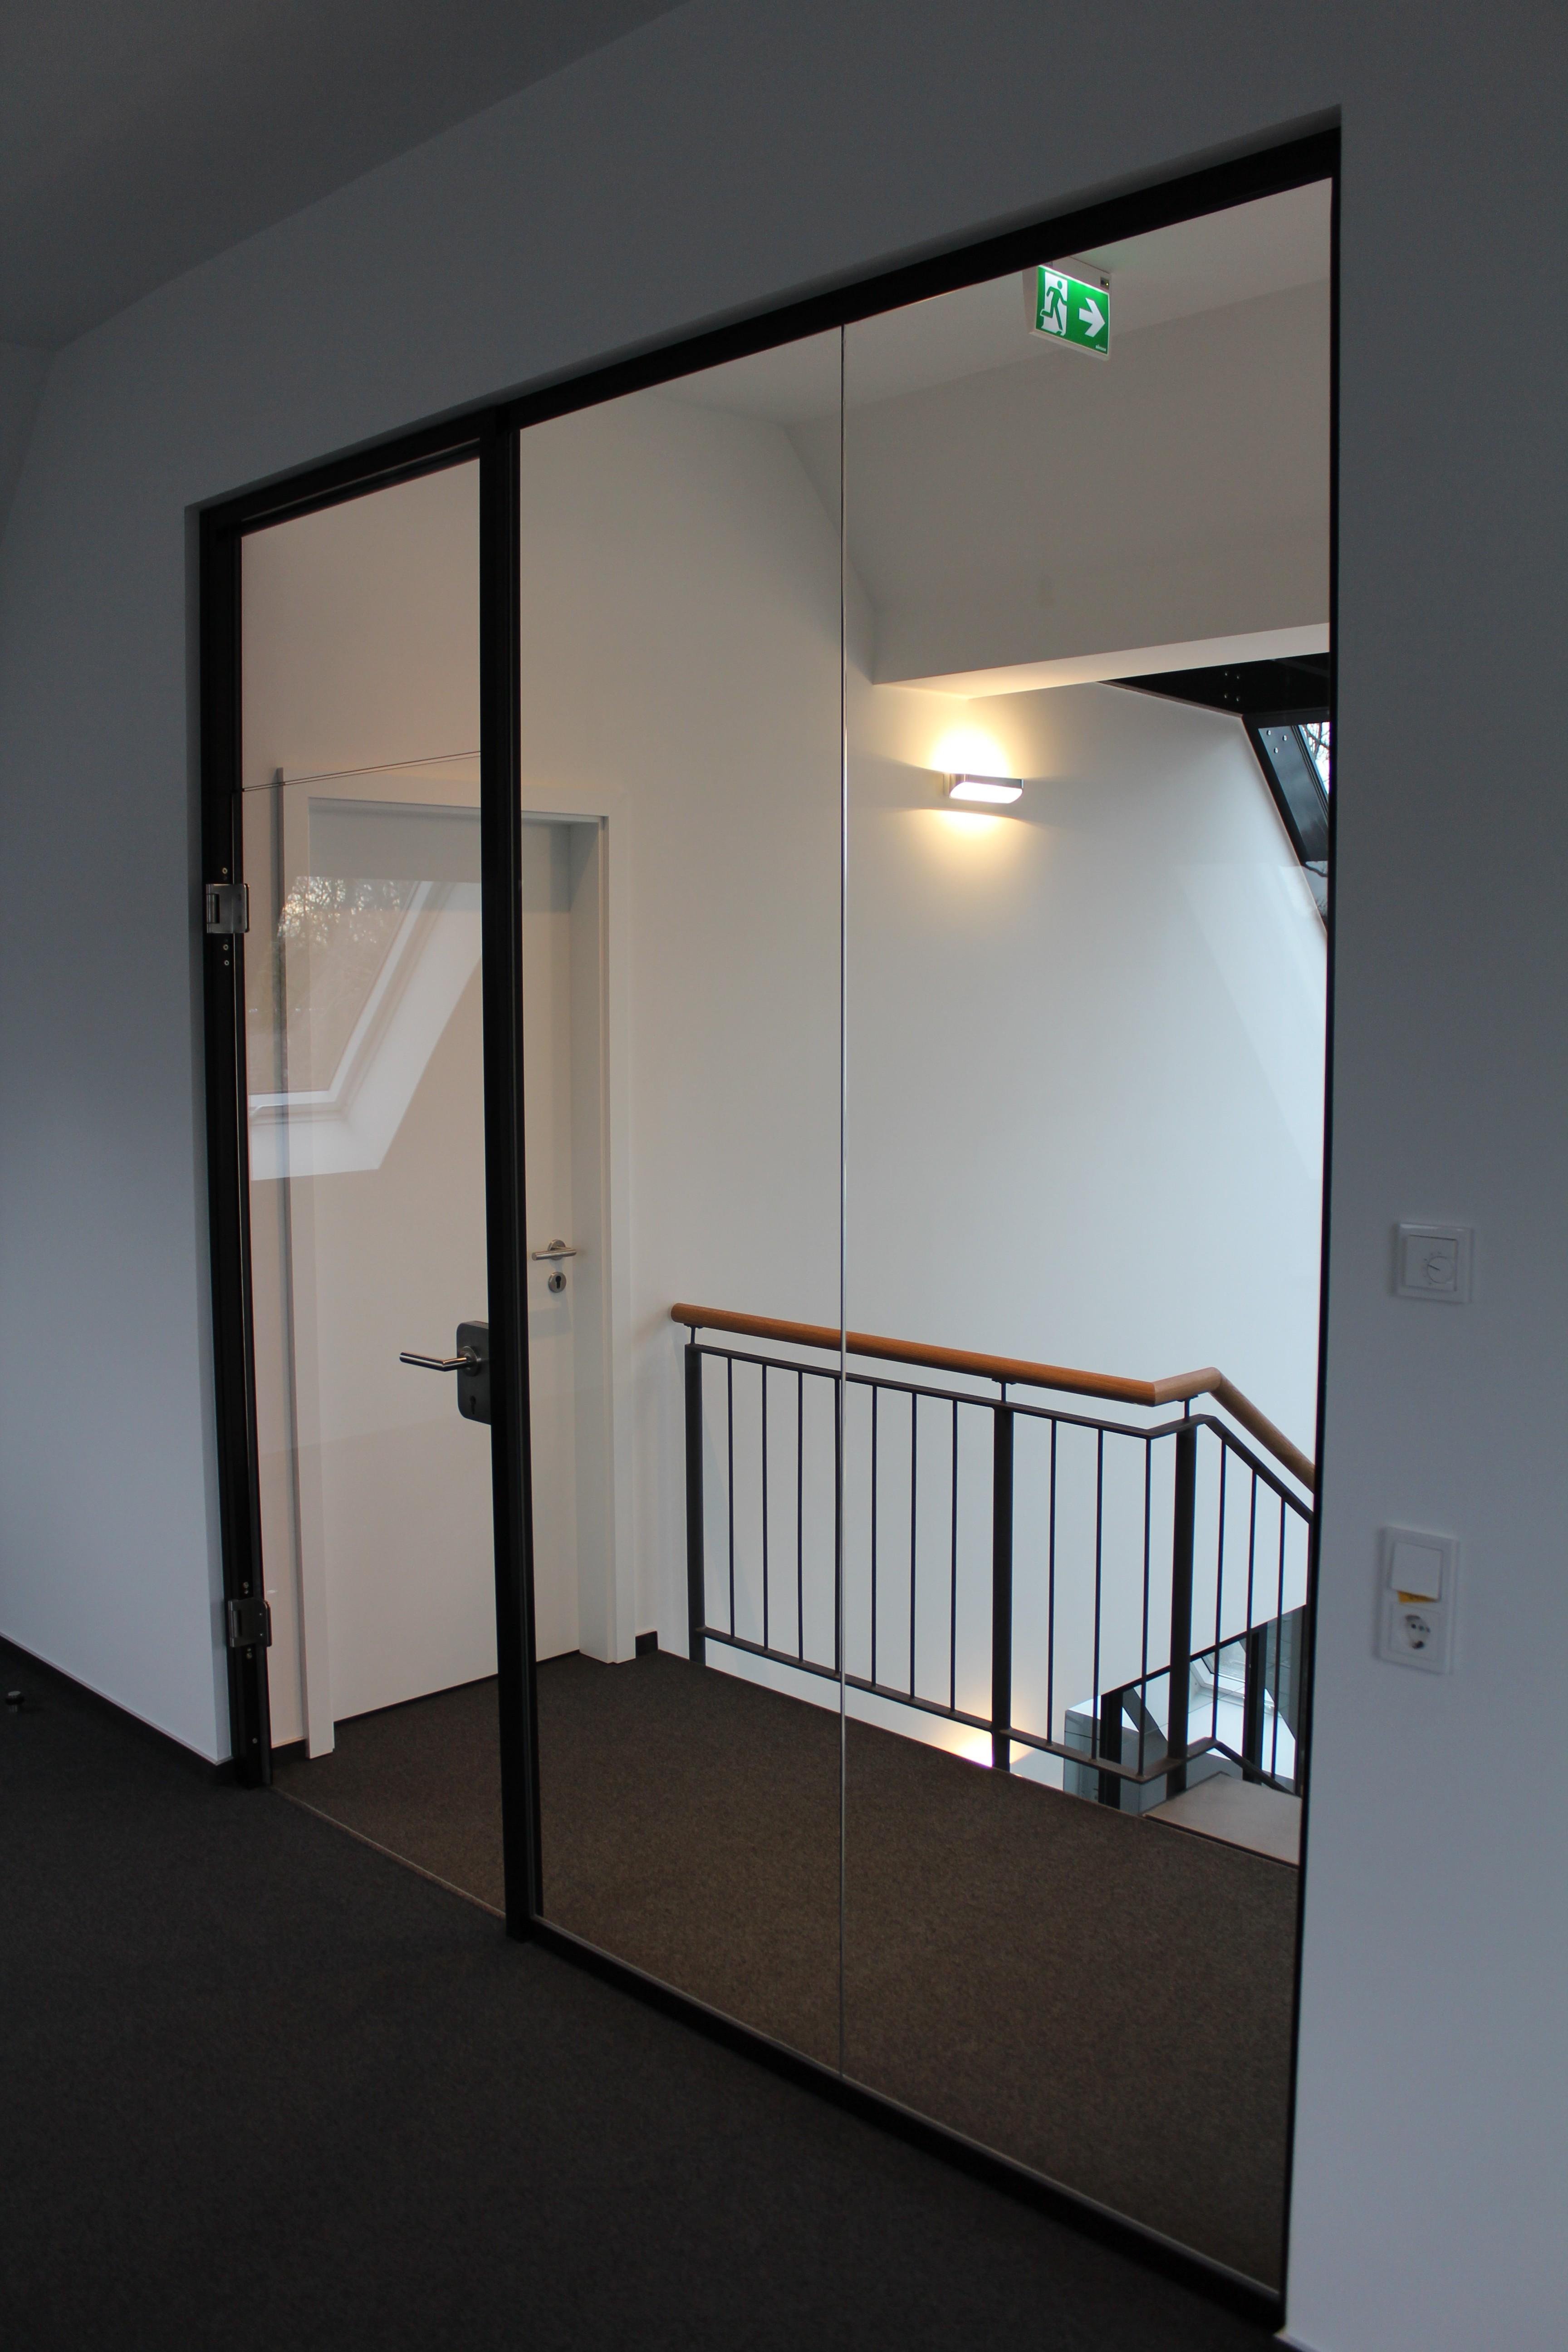 umbau und erweiterung eines b rogeb udes theodor schulte gmbh. Black Bedroom Furniture Sets. Home Design Ideas